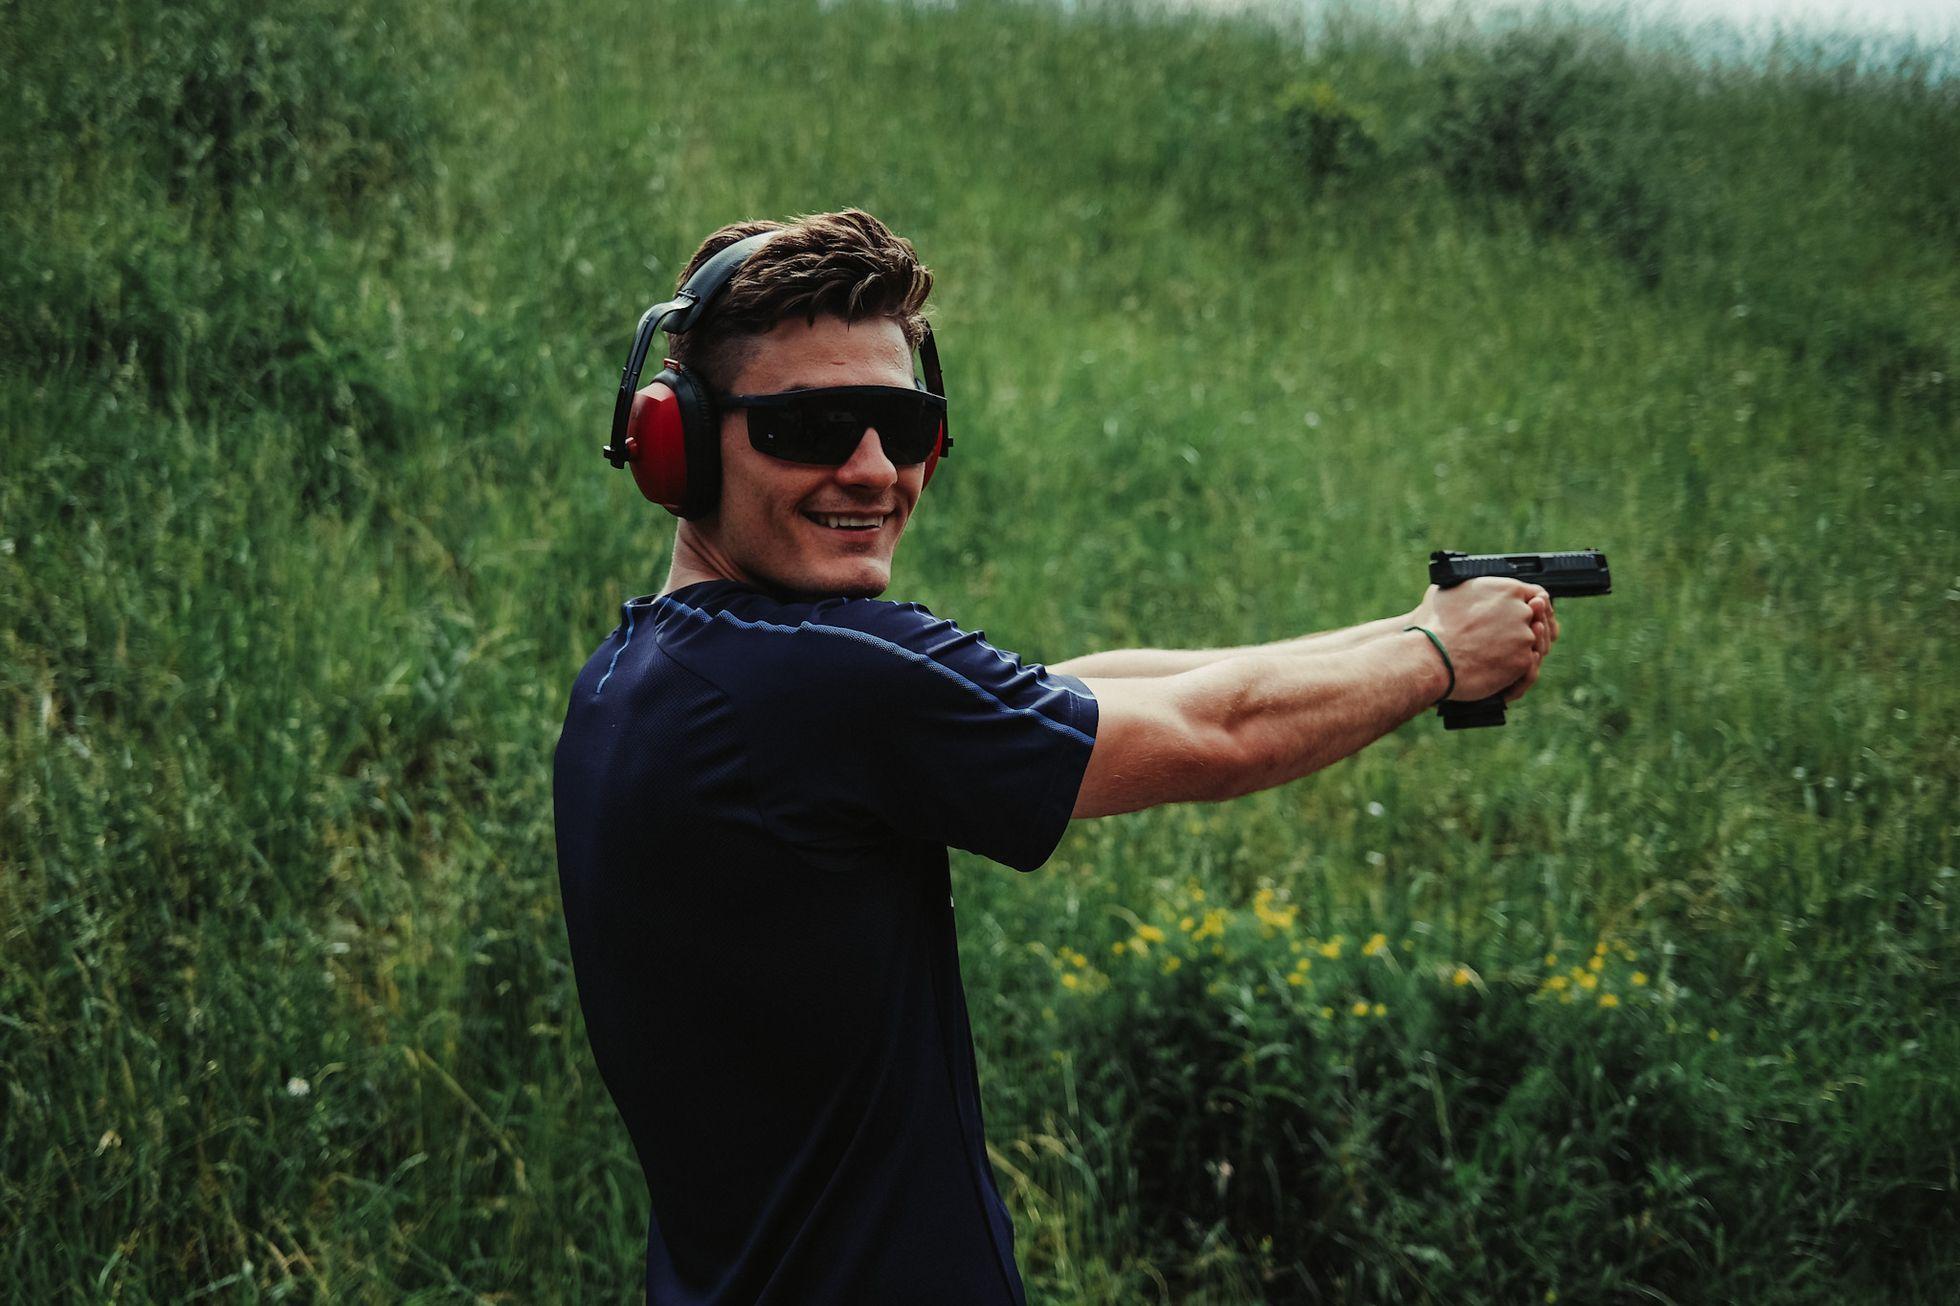 Takhle pálí Češi. Reprezentanti tužili partu na venkovní střelnici, vyzkoušeli zbraně